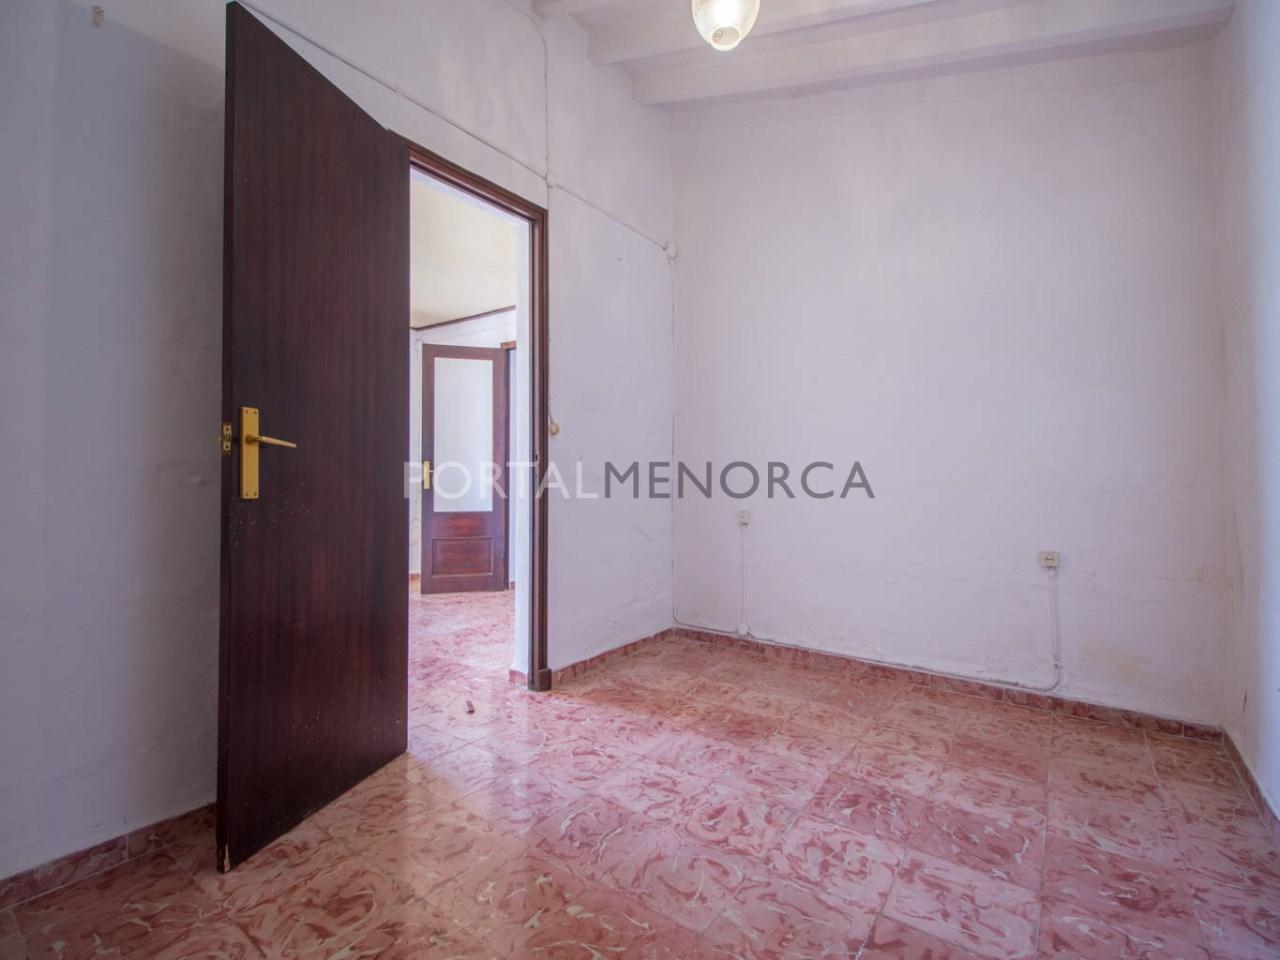 Re_ 7 habitaciones y dormitorios plnata piso (3)